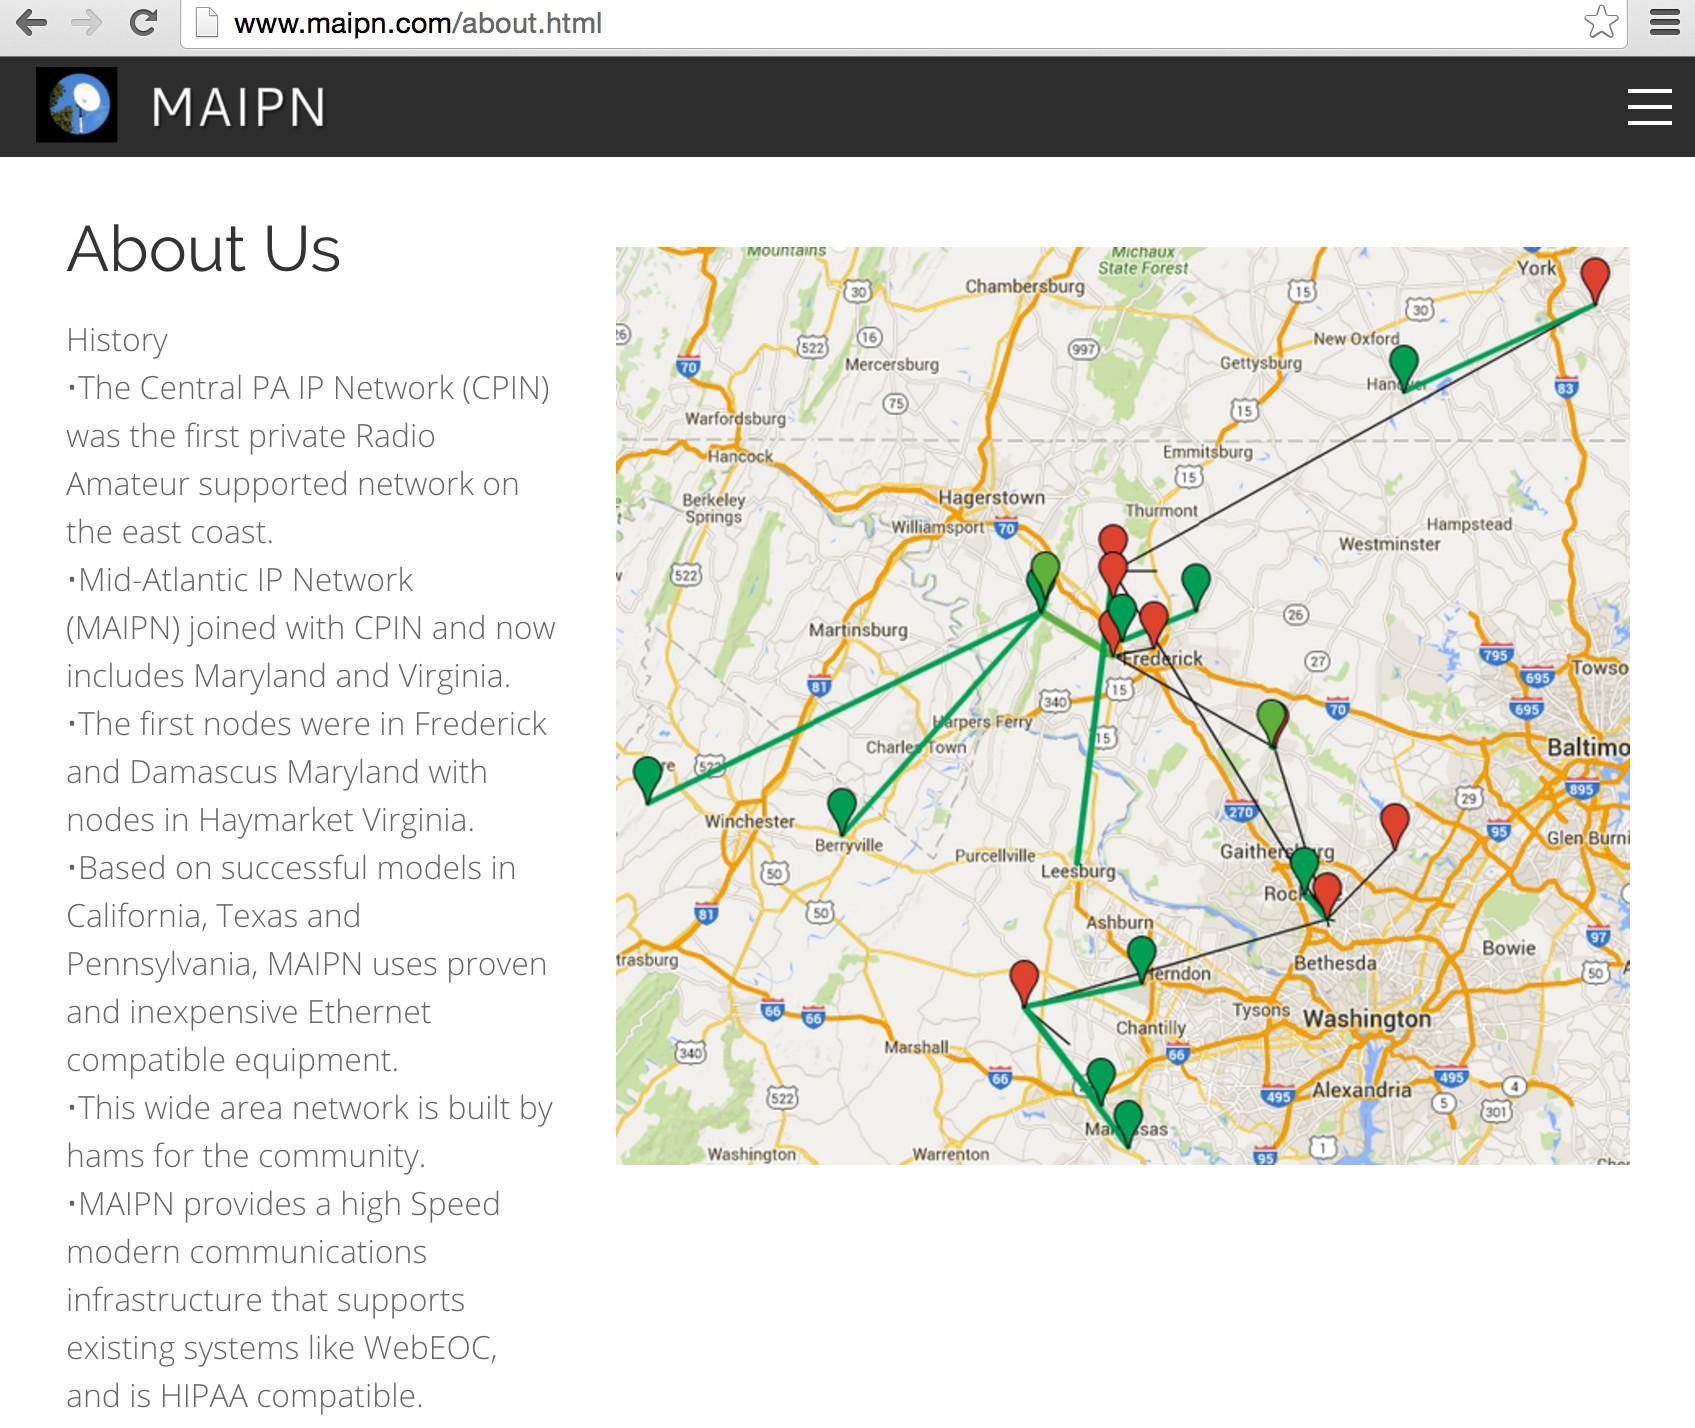 MAIPN.com